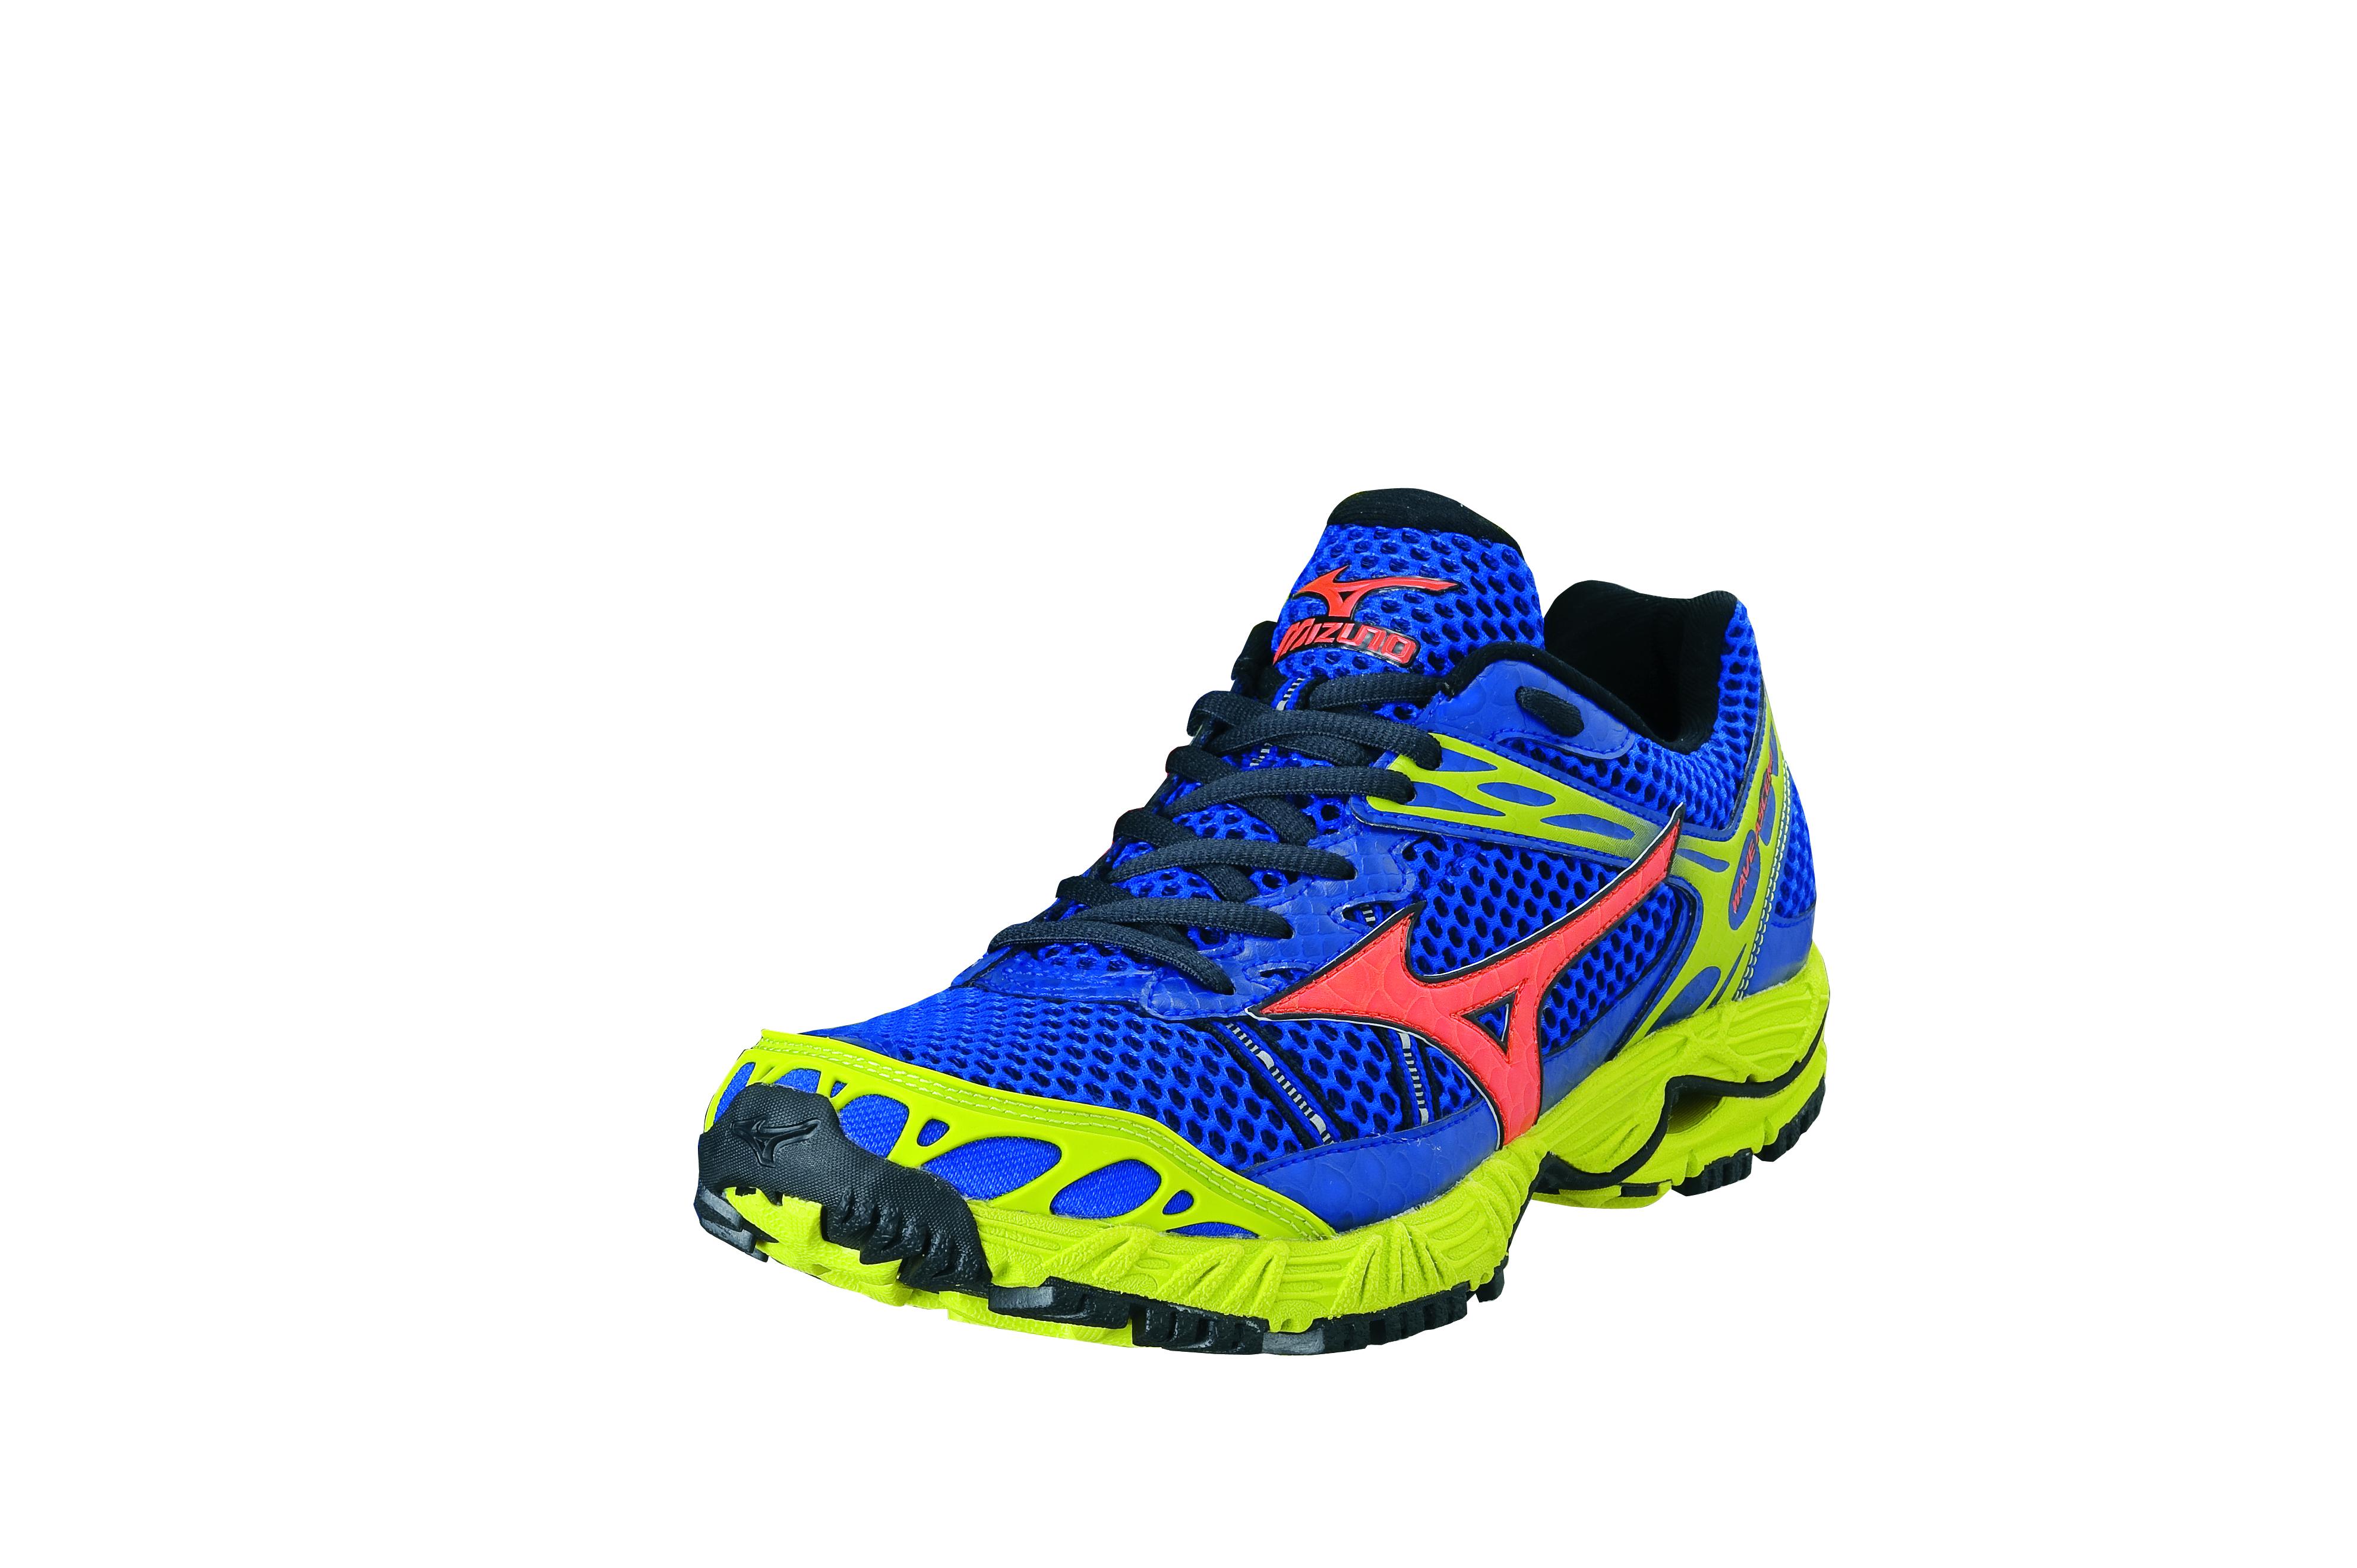 6fac169f8af zapatillas mizuno trail precios